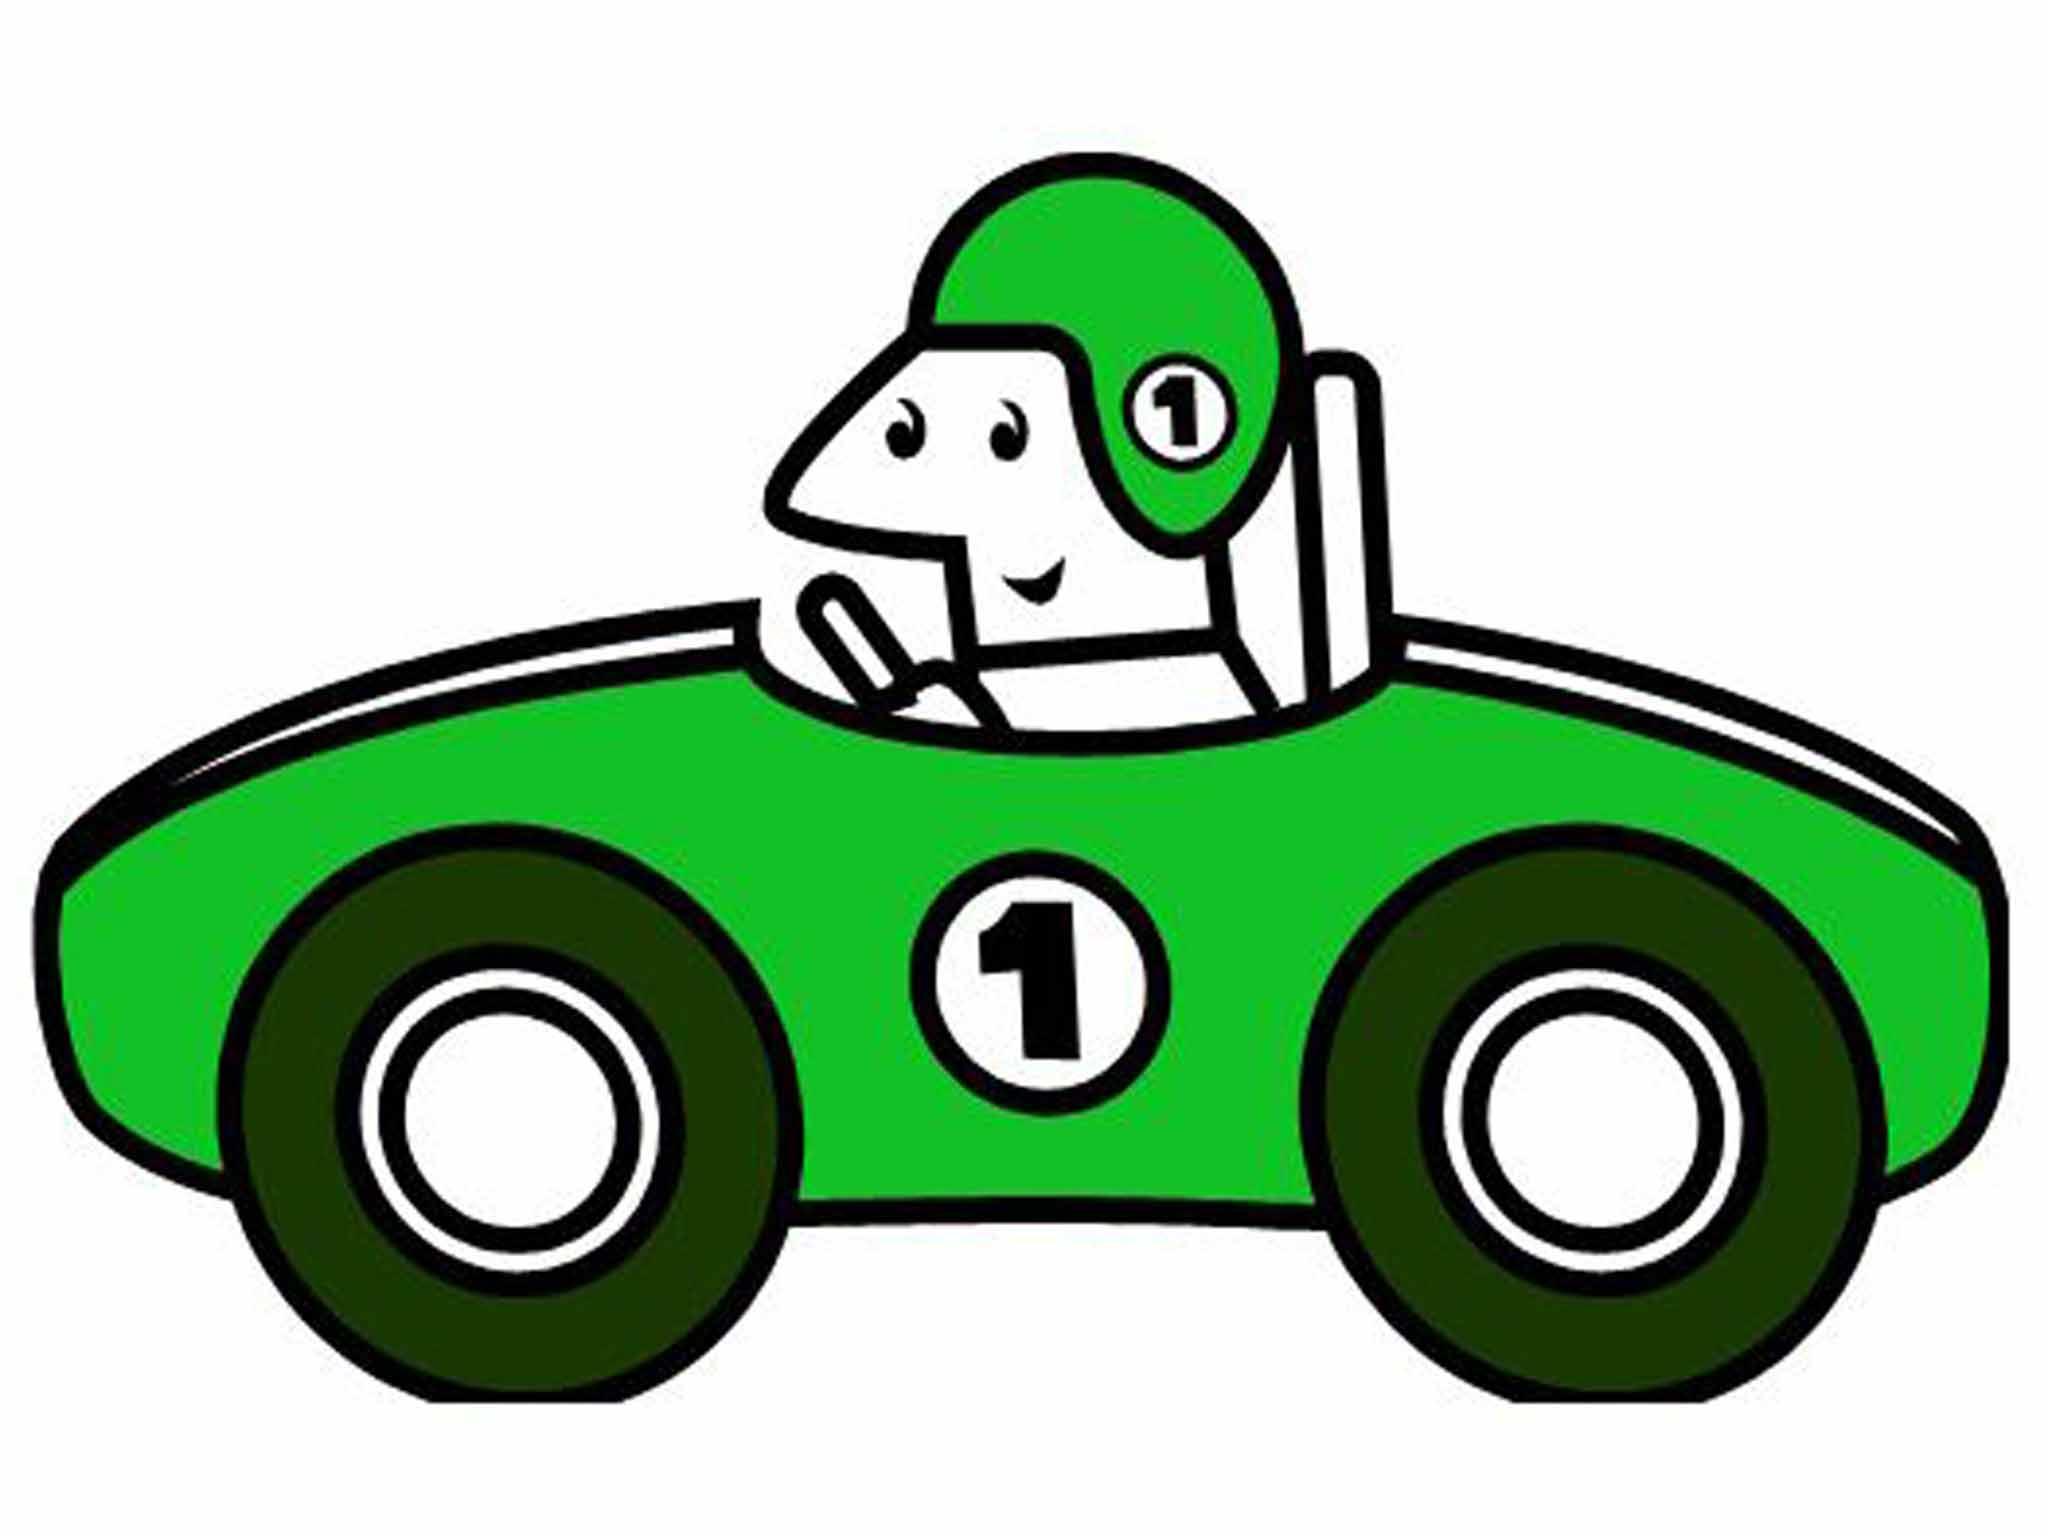 2048x1536 Simple Clipart Race Car